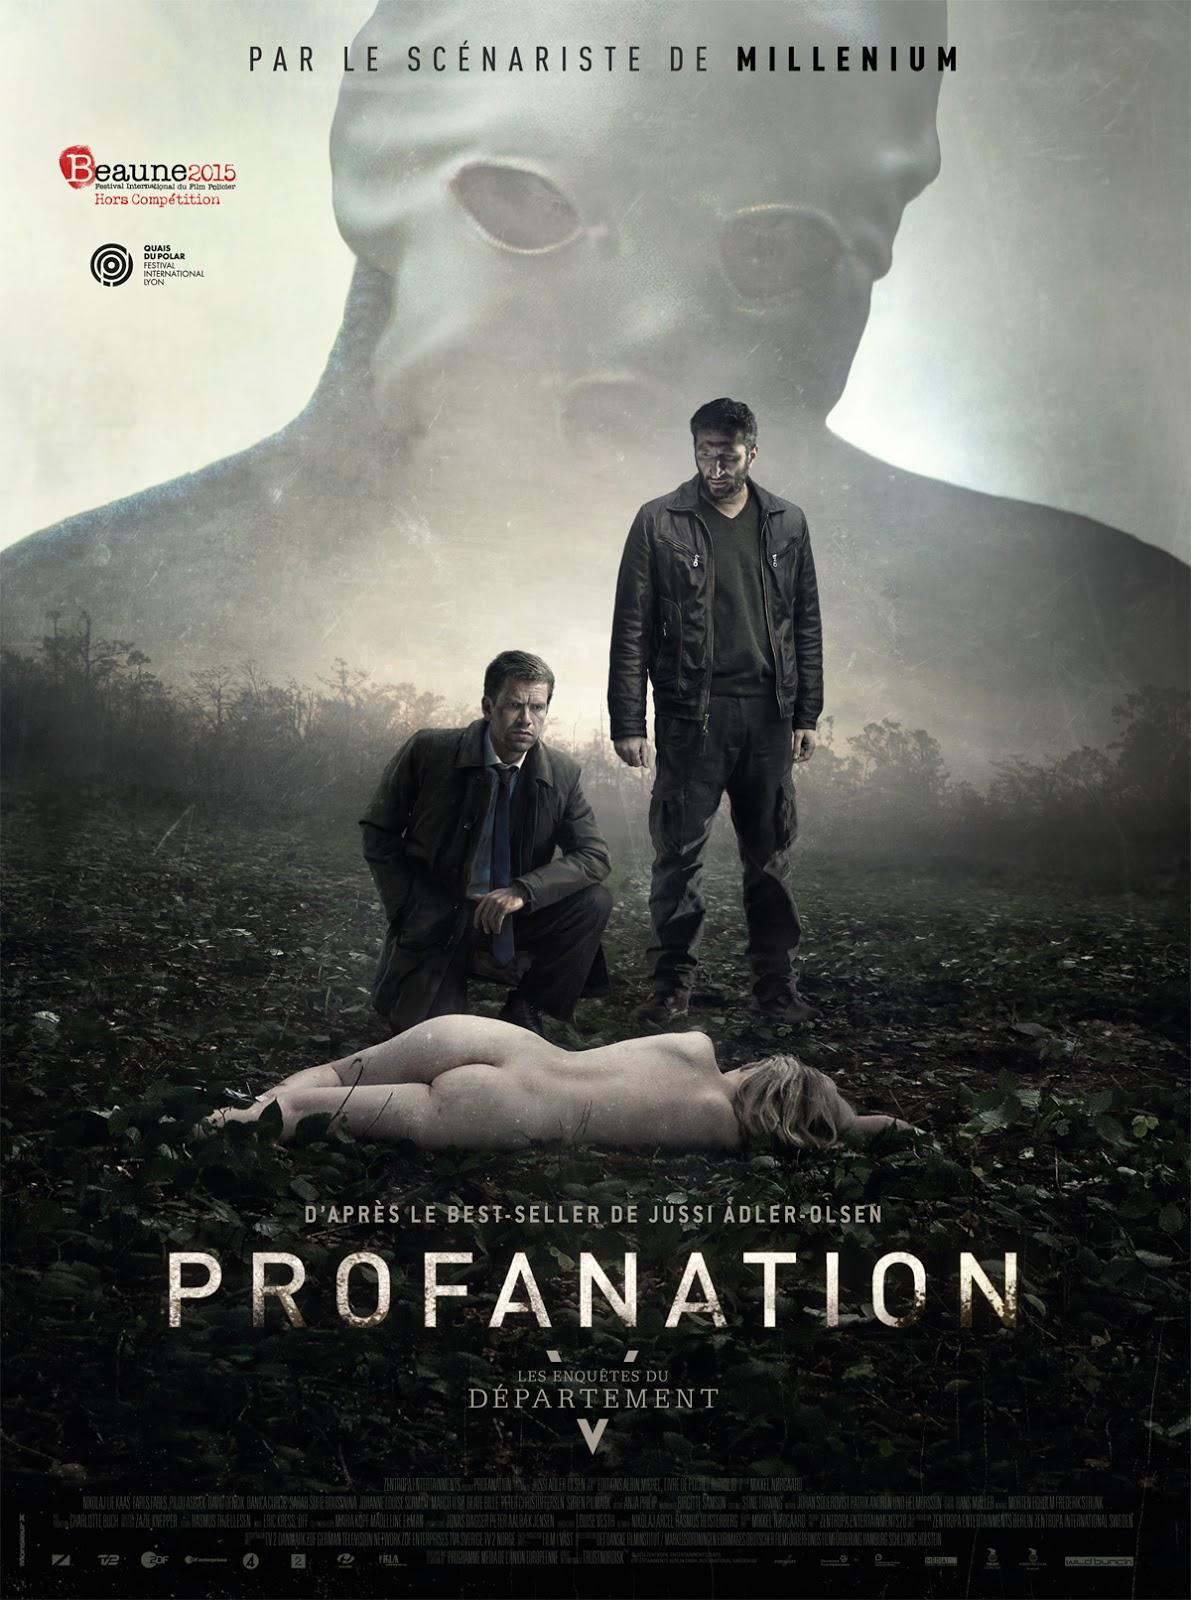 """[Critique] """"Les Enquêtes du Département V : Profanation"""" (2014) : Dans les tréfonds de l'âme humaine 8 image"""